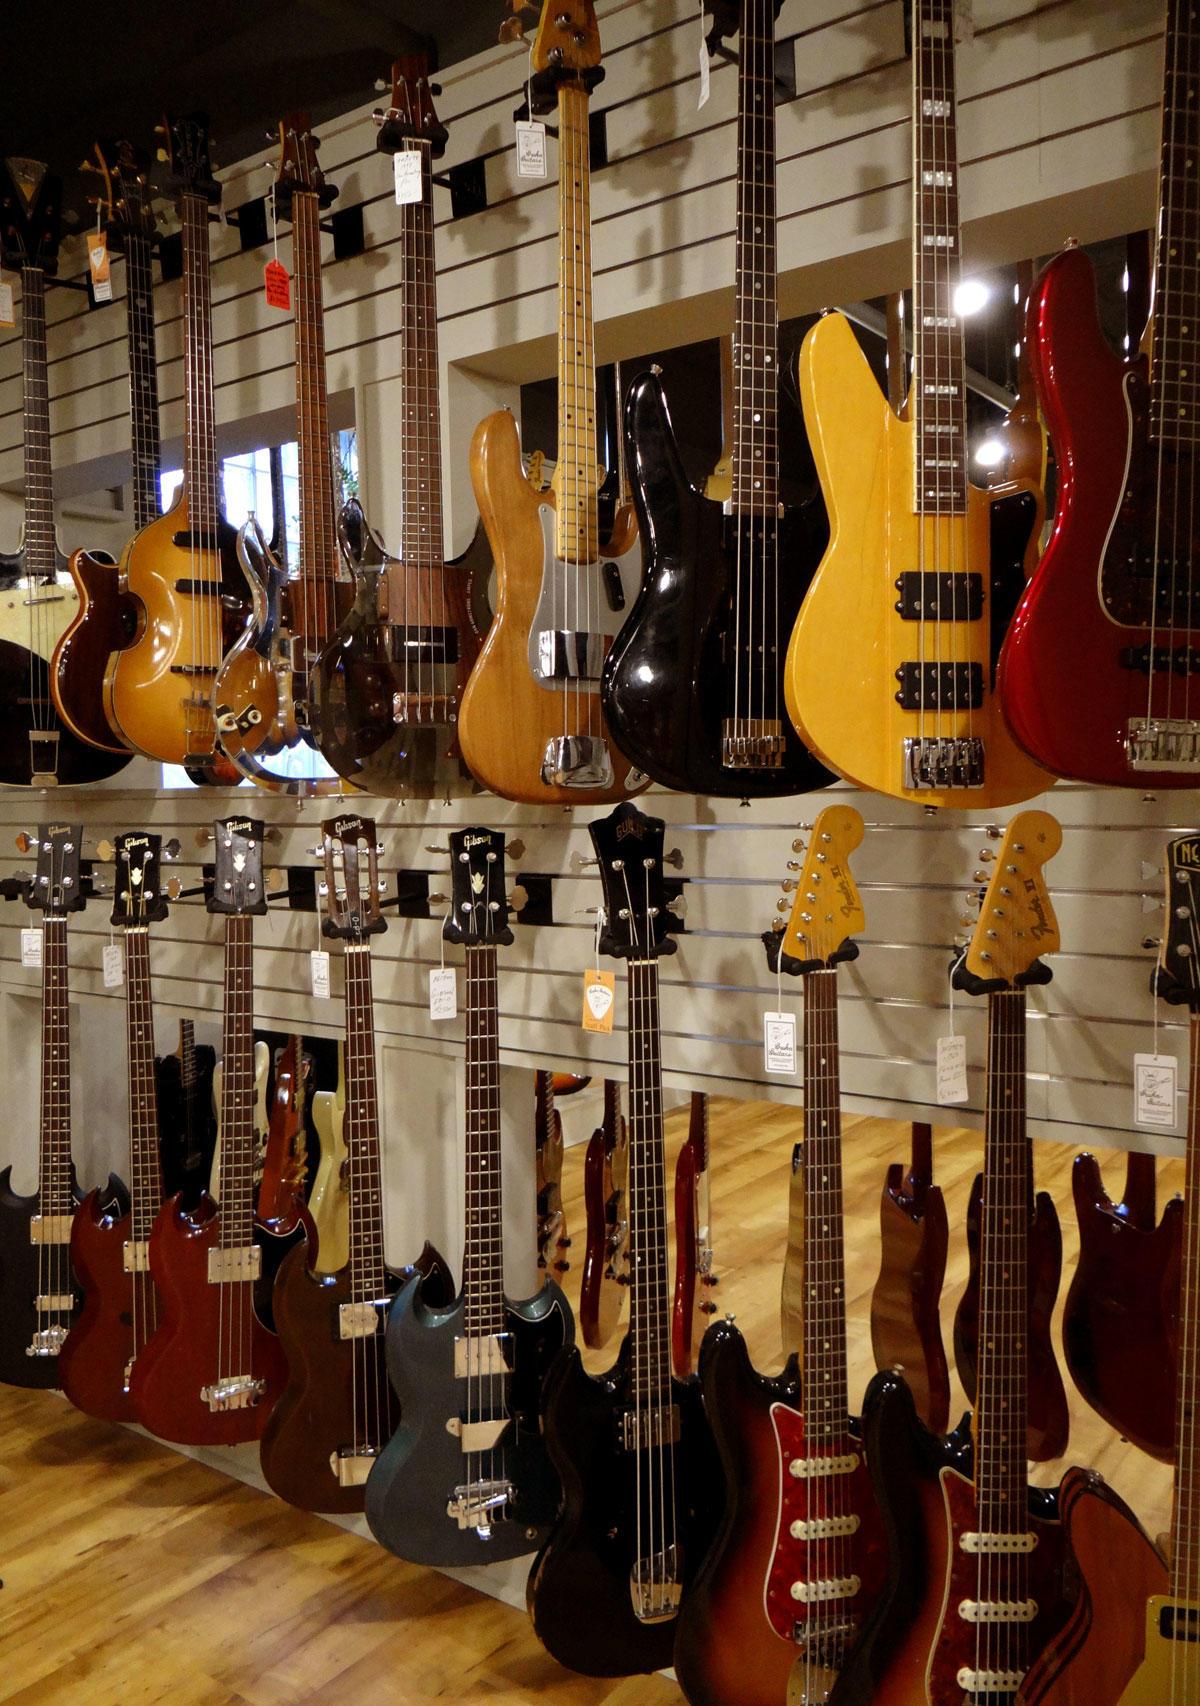 gruhn guitars inc coupons near me in nashville 8coupons. Black Bedroom Furniture Sets. Home Design Ideas